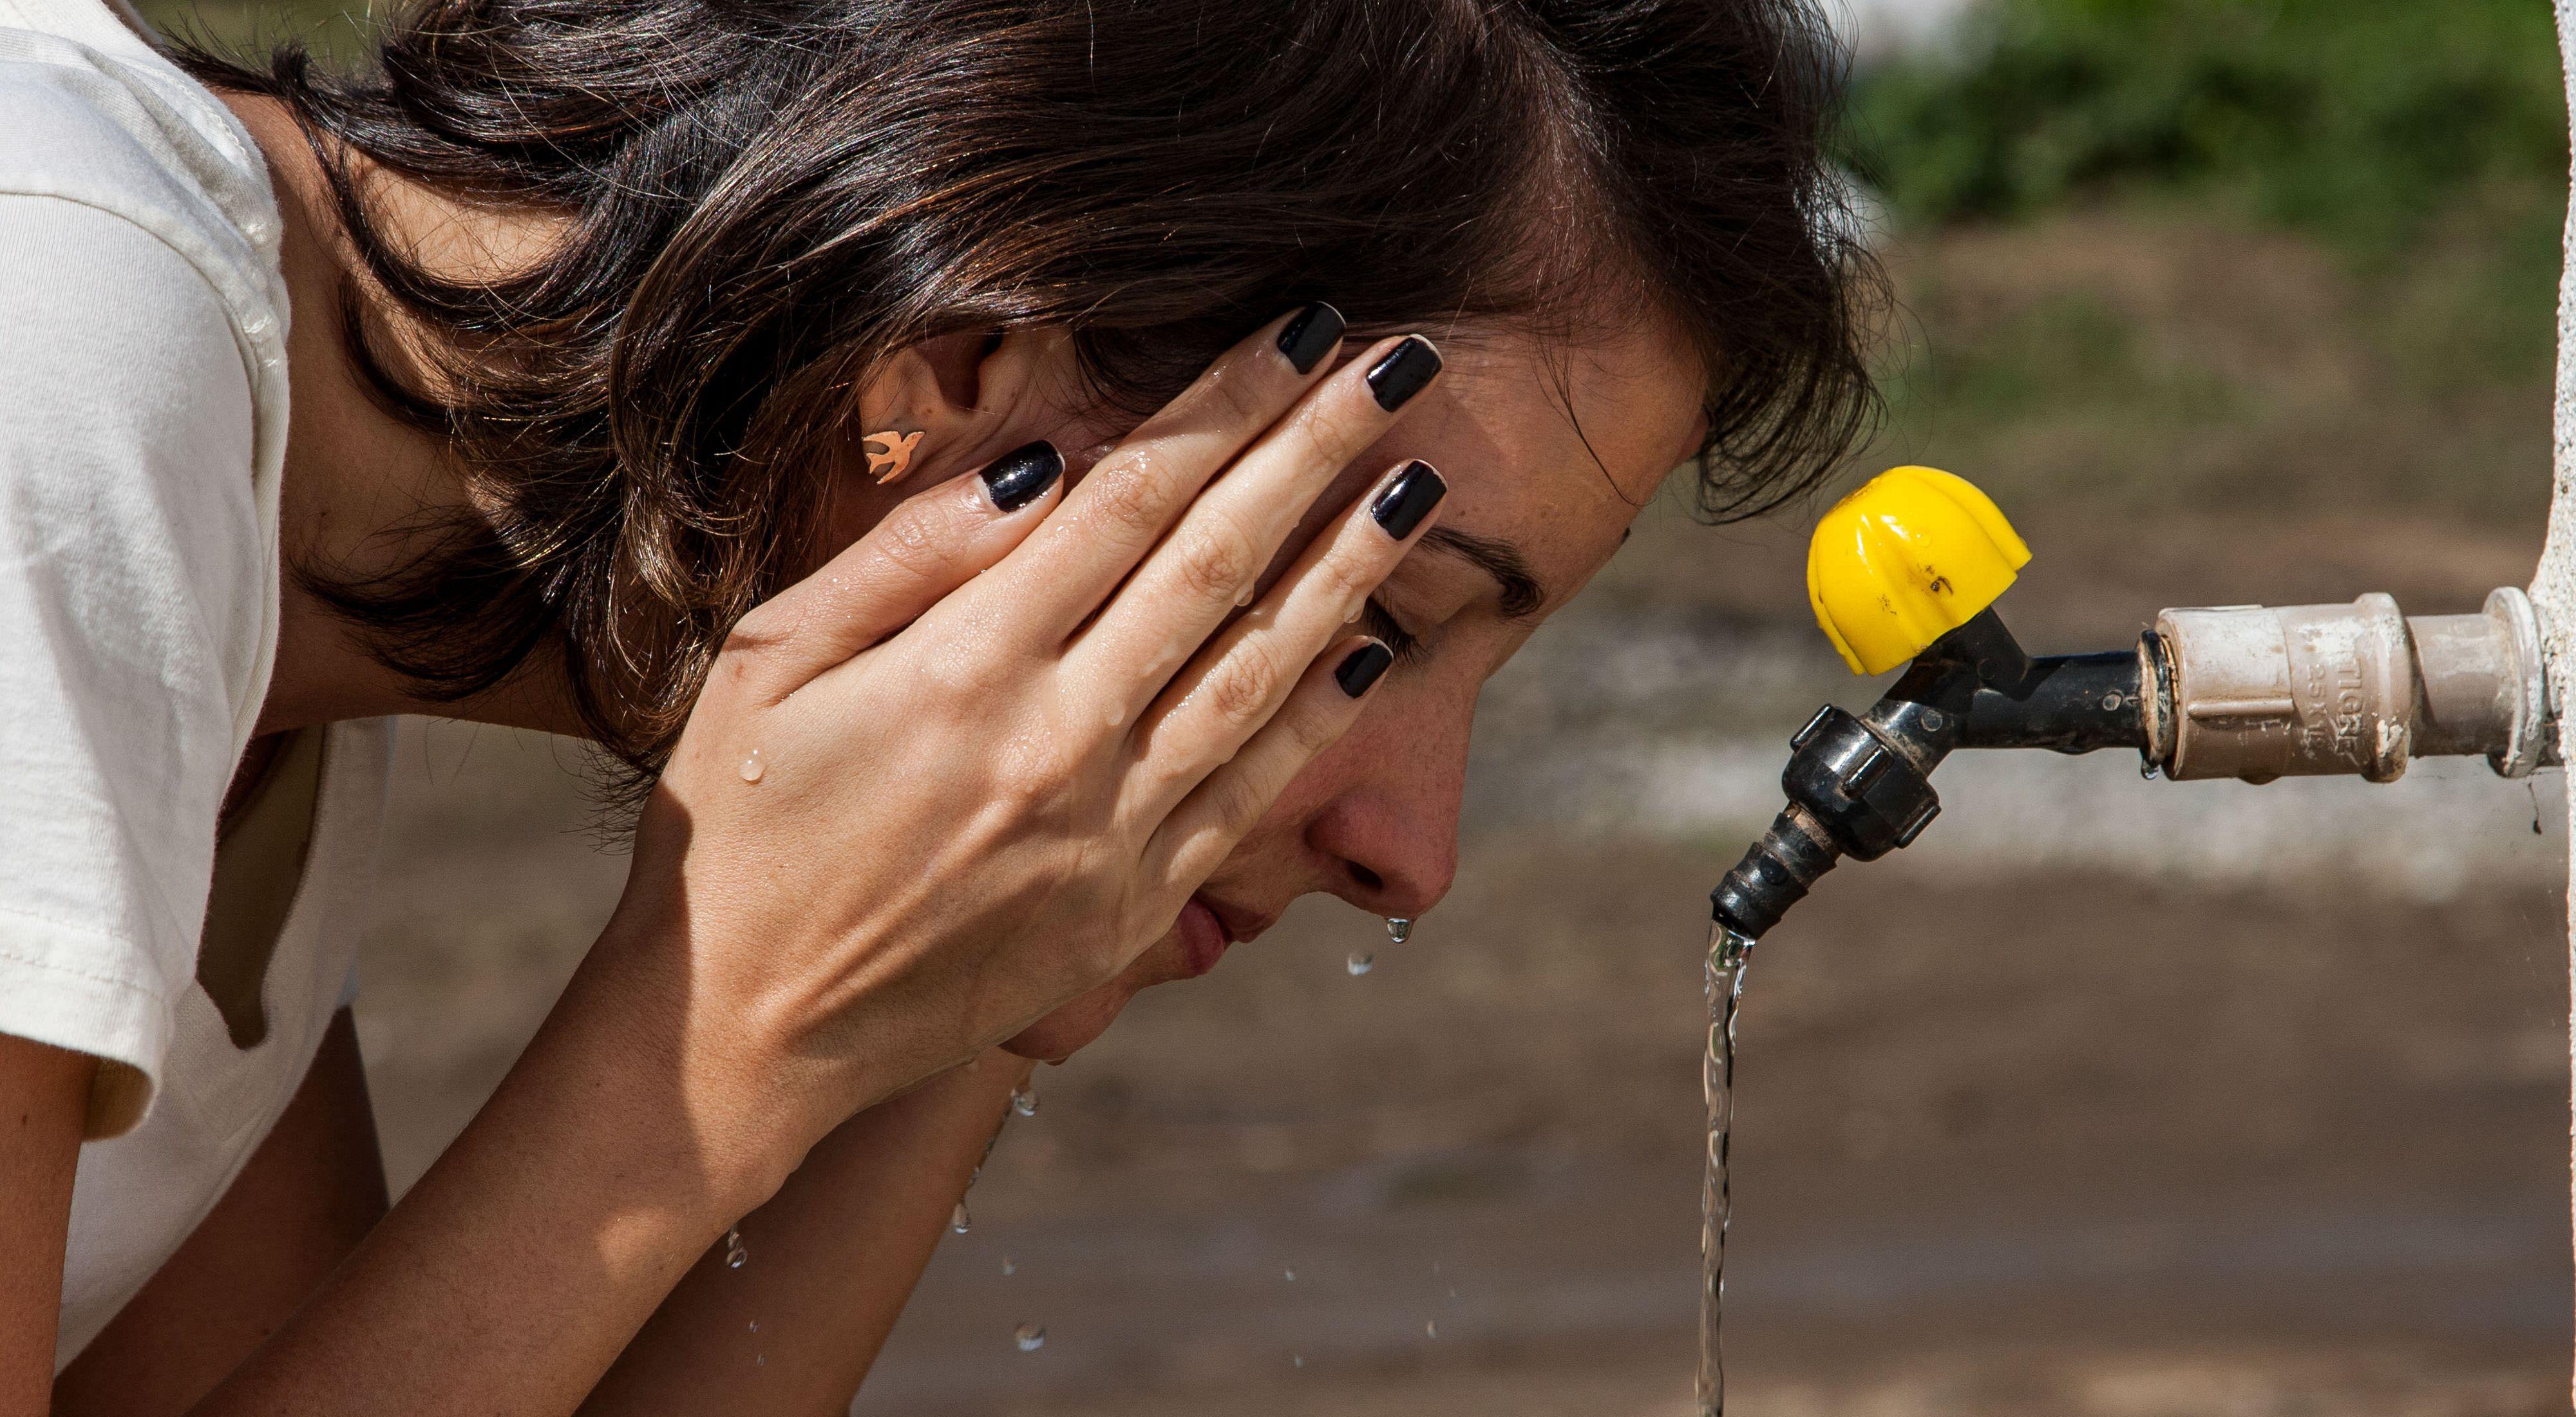 Juliana Bustamante, Assistente Executiva  Gerente de Projetos do ITPA, usa água limpa para lavar as mãos e o rosto, no Brasil.